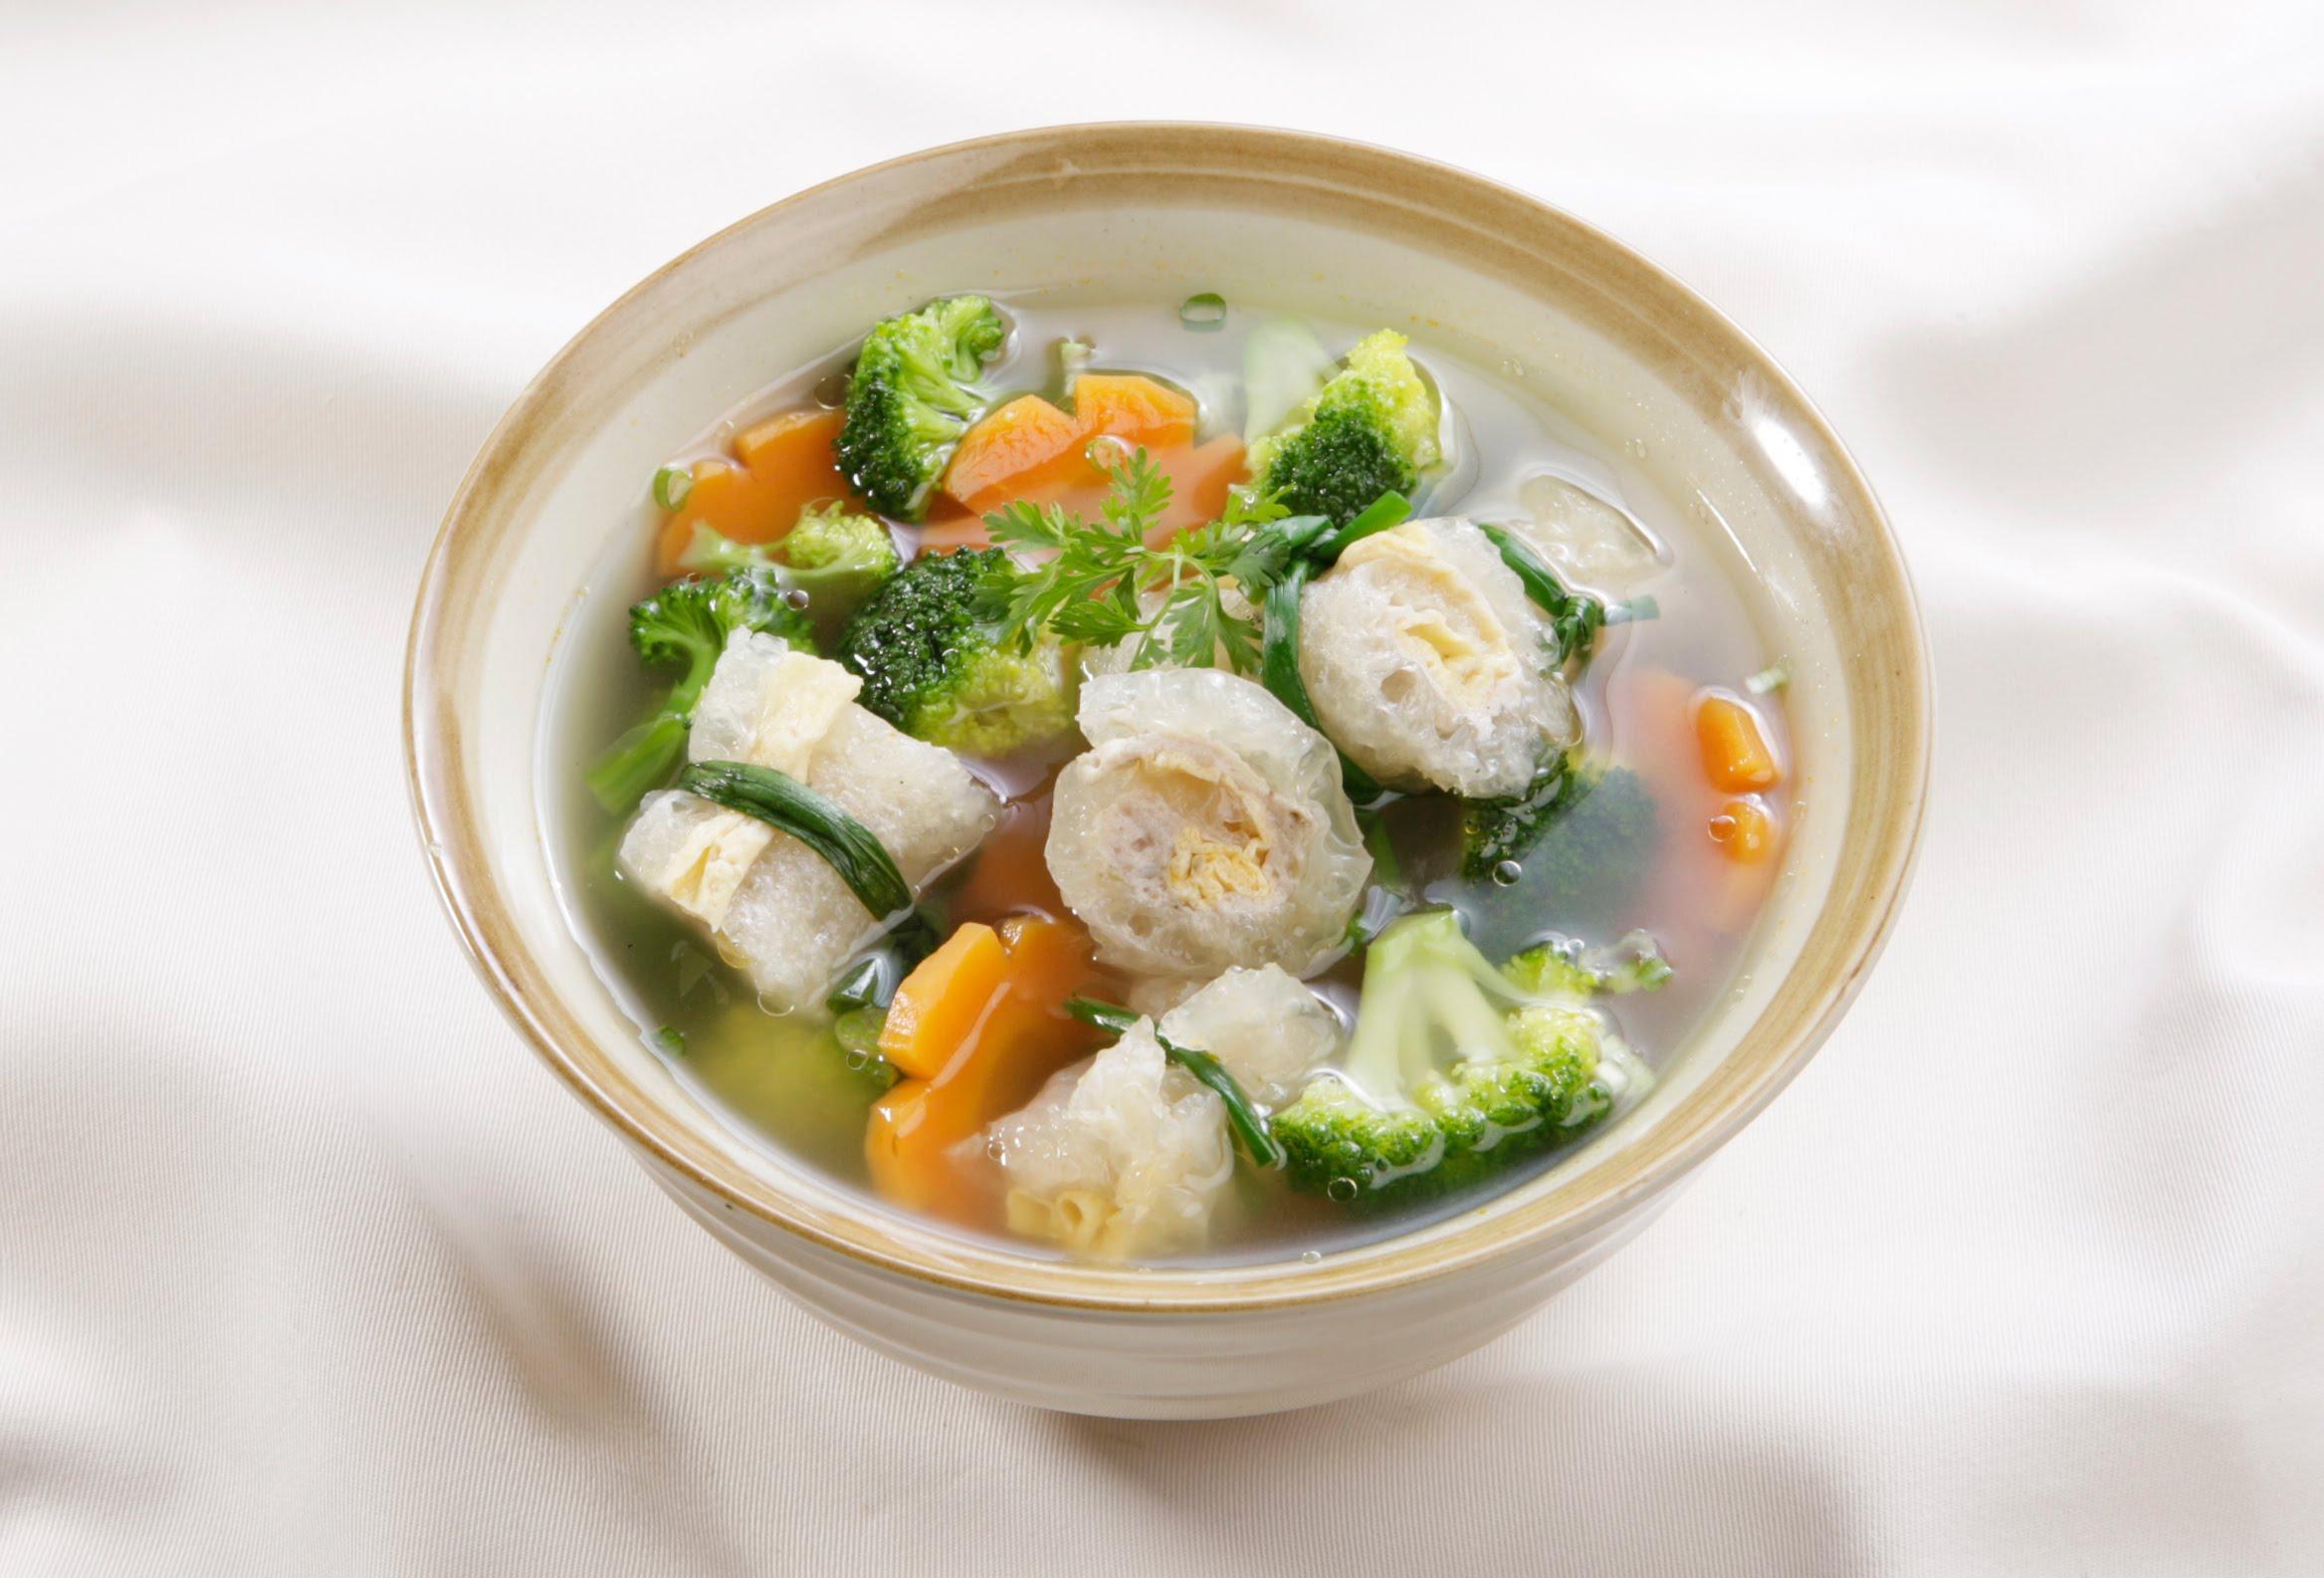 Những món ăn ngon kiêm bài thuốc chữa bệnh trong mùa lạnh